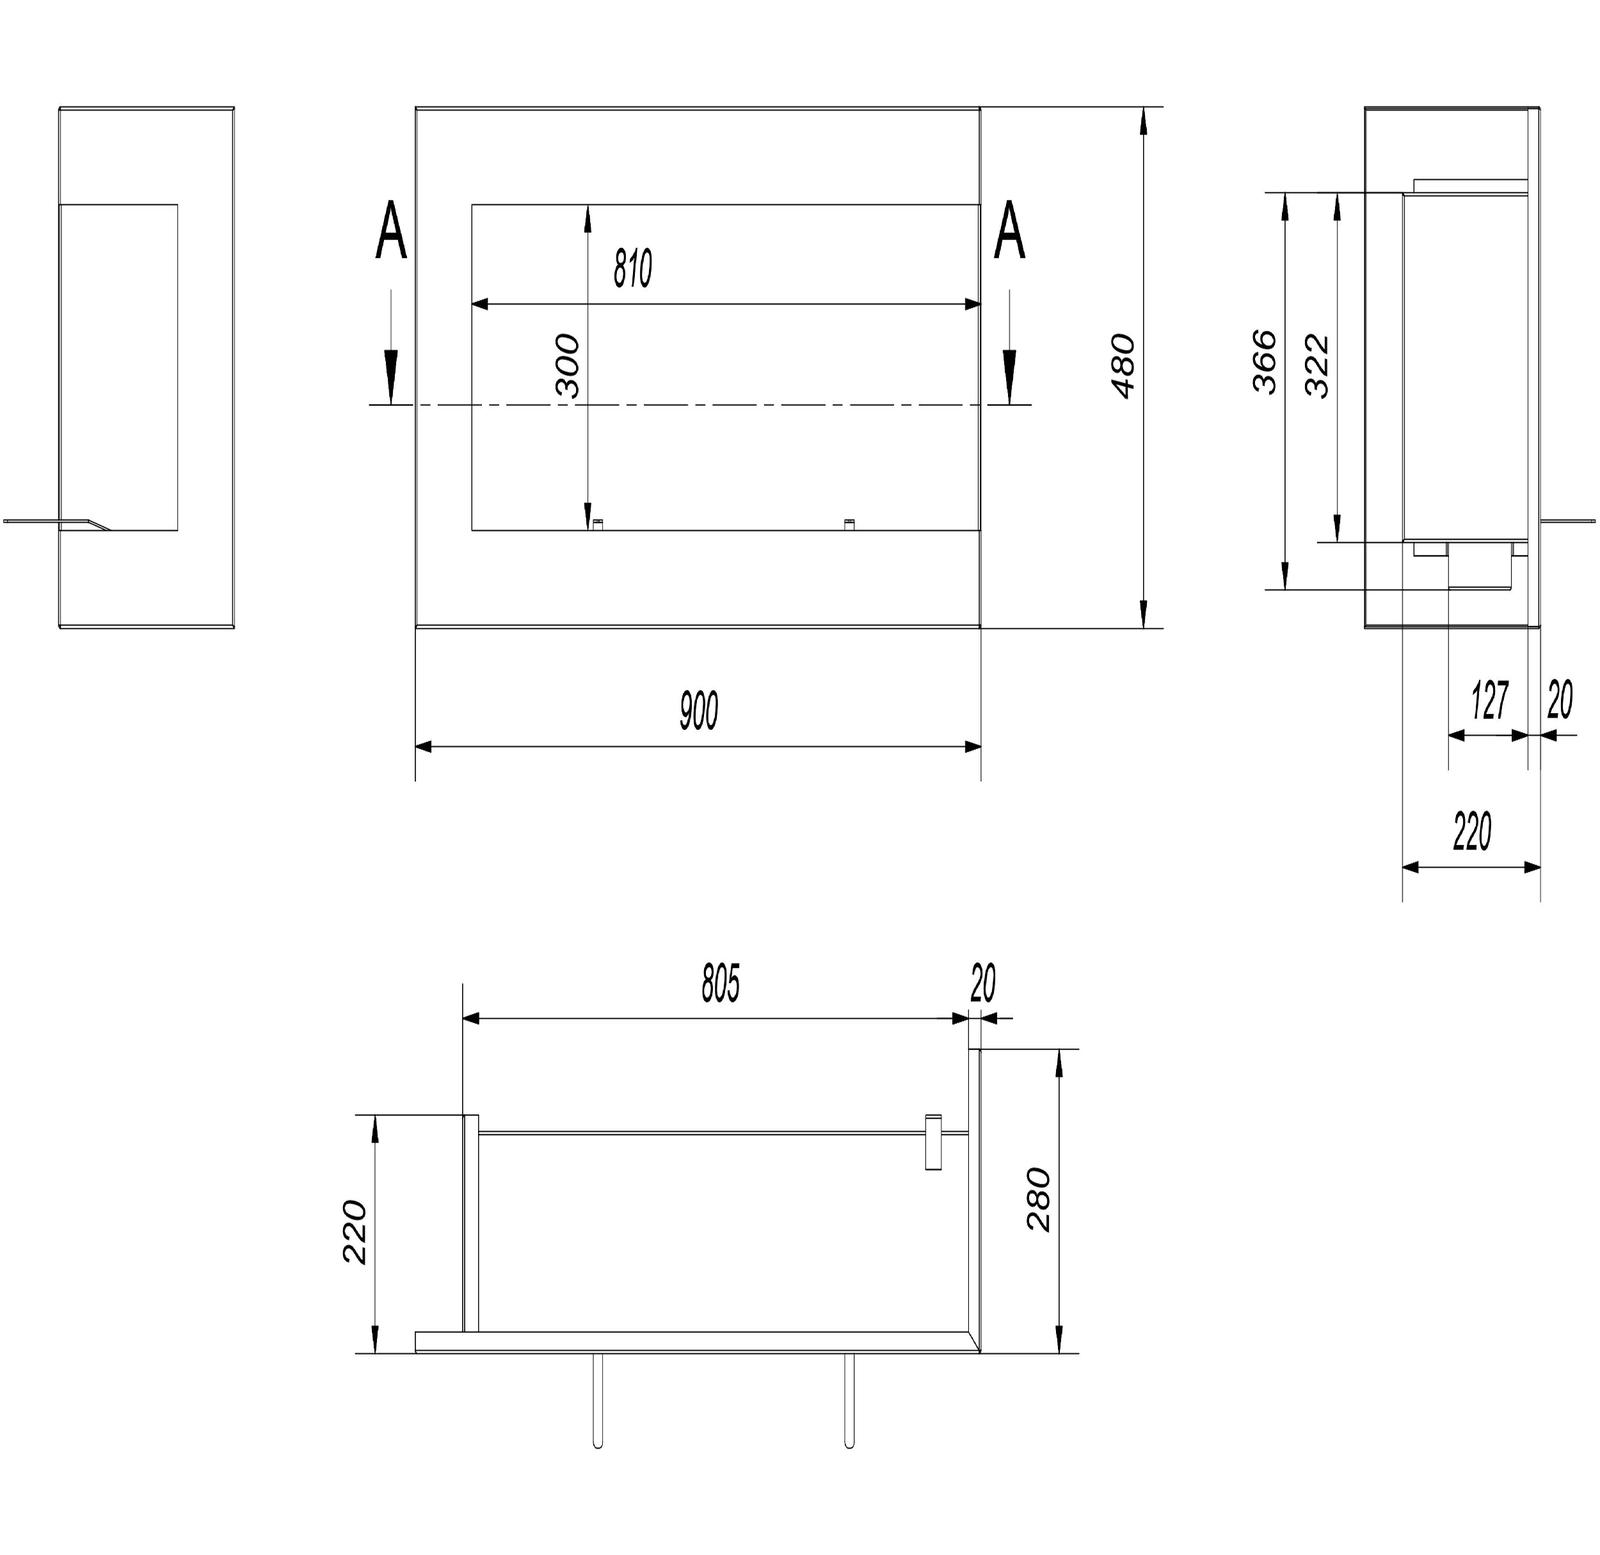 Bio Ethanol Kamin DELTA DELTA DELTA schwarz 900 rechte offen für Wand Einbau 90 cm breit 20ed8d